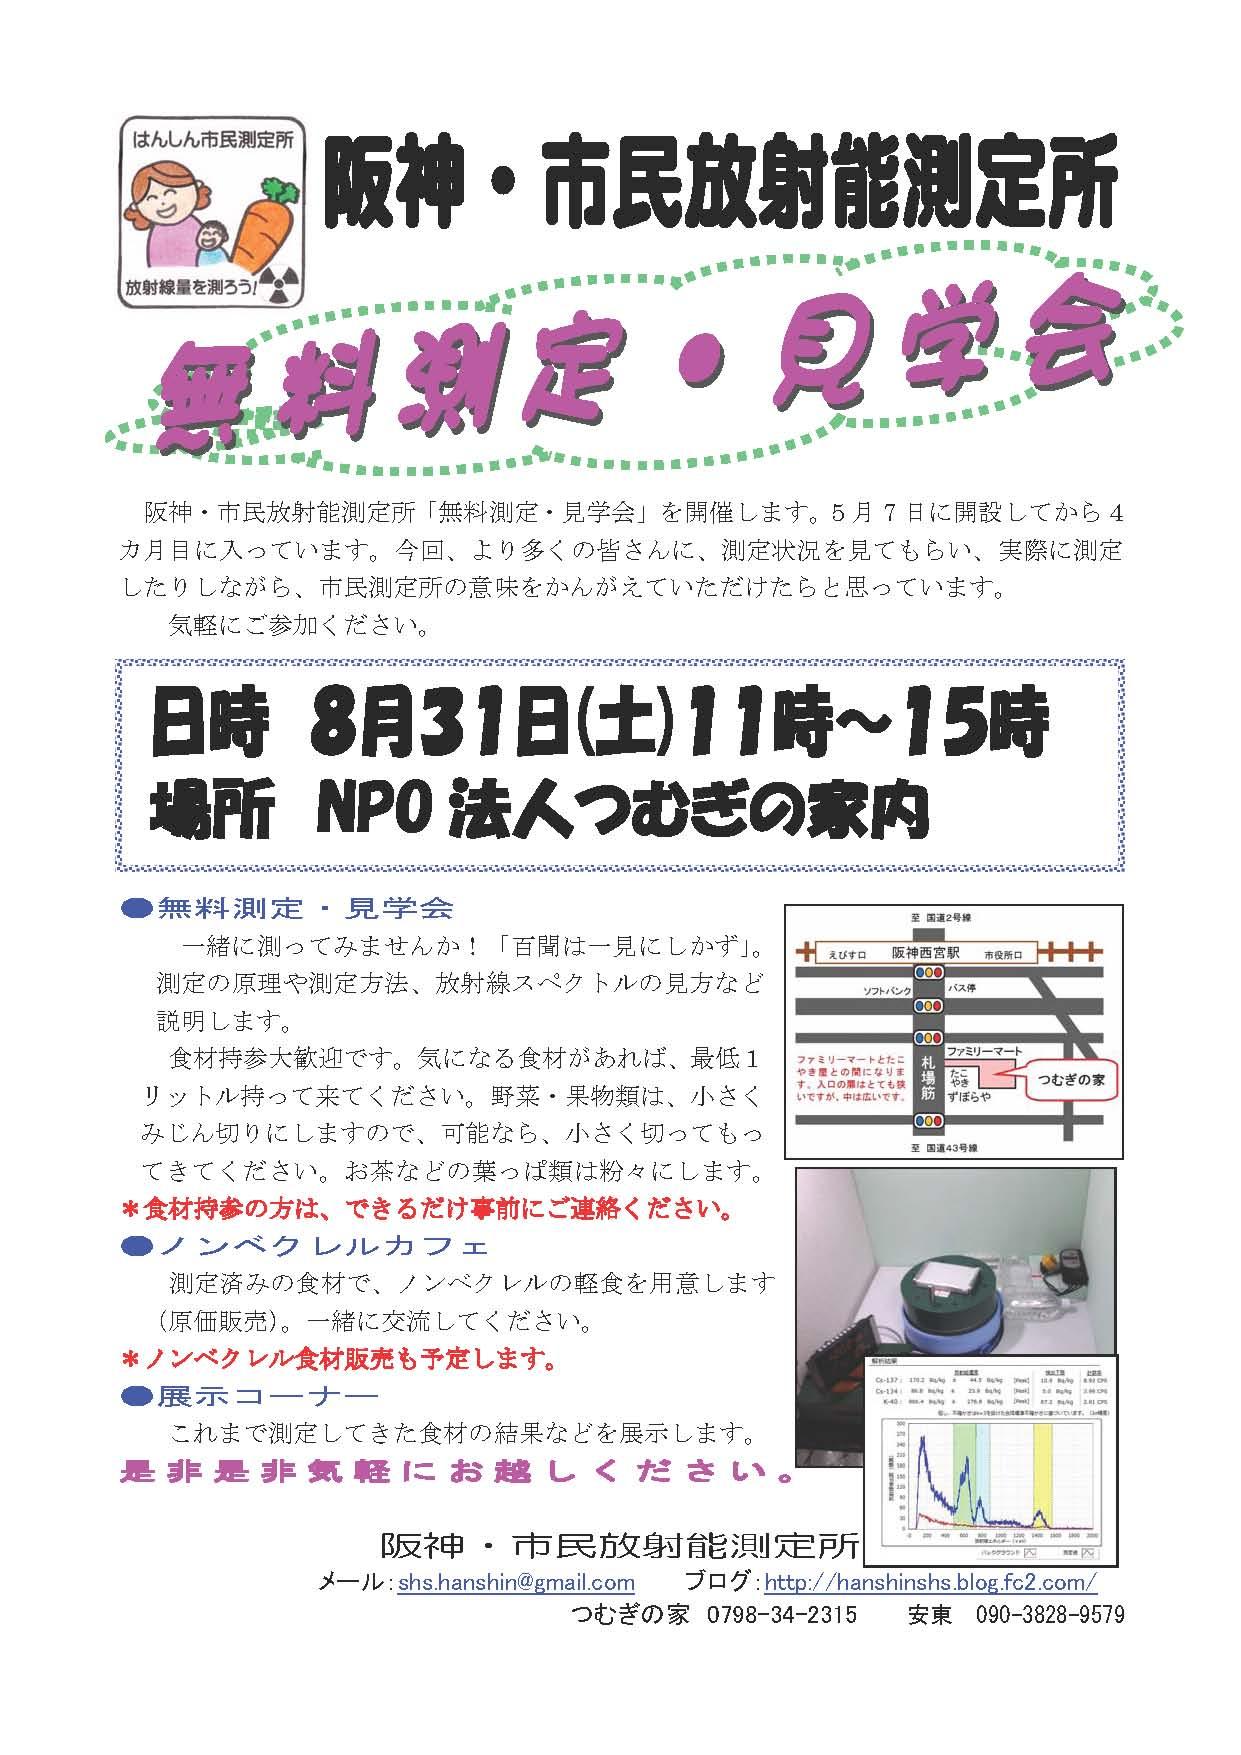 20130831無料測定会